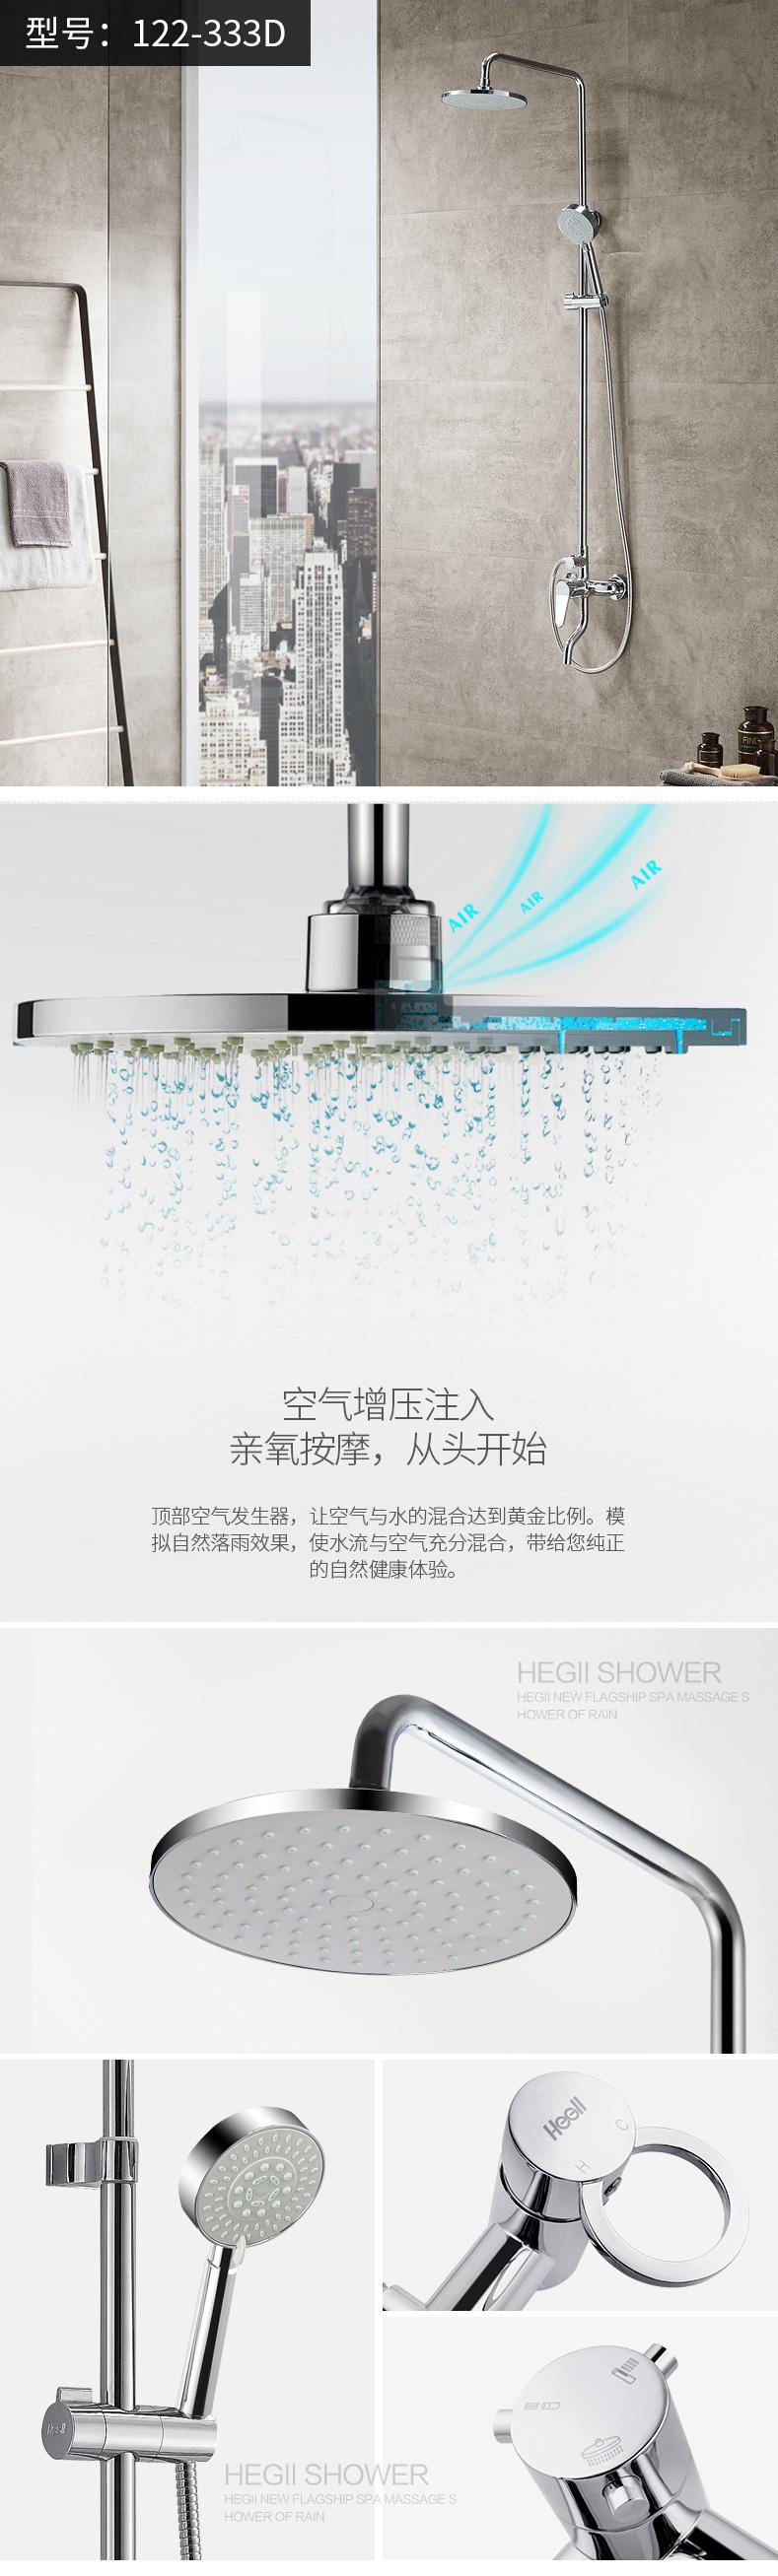 恒��-按摩一��H�I有力淋浴花�⒑每植�HMF122-333D_02.jpg